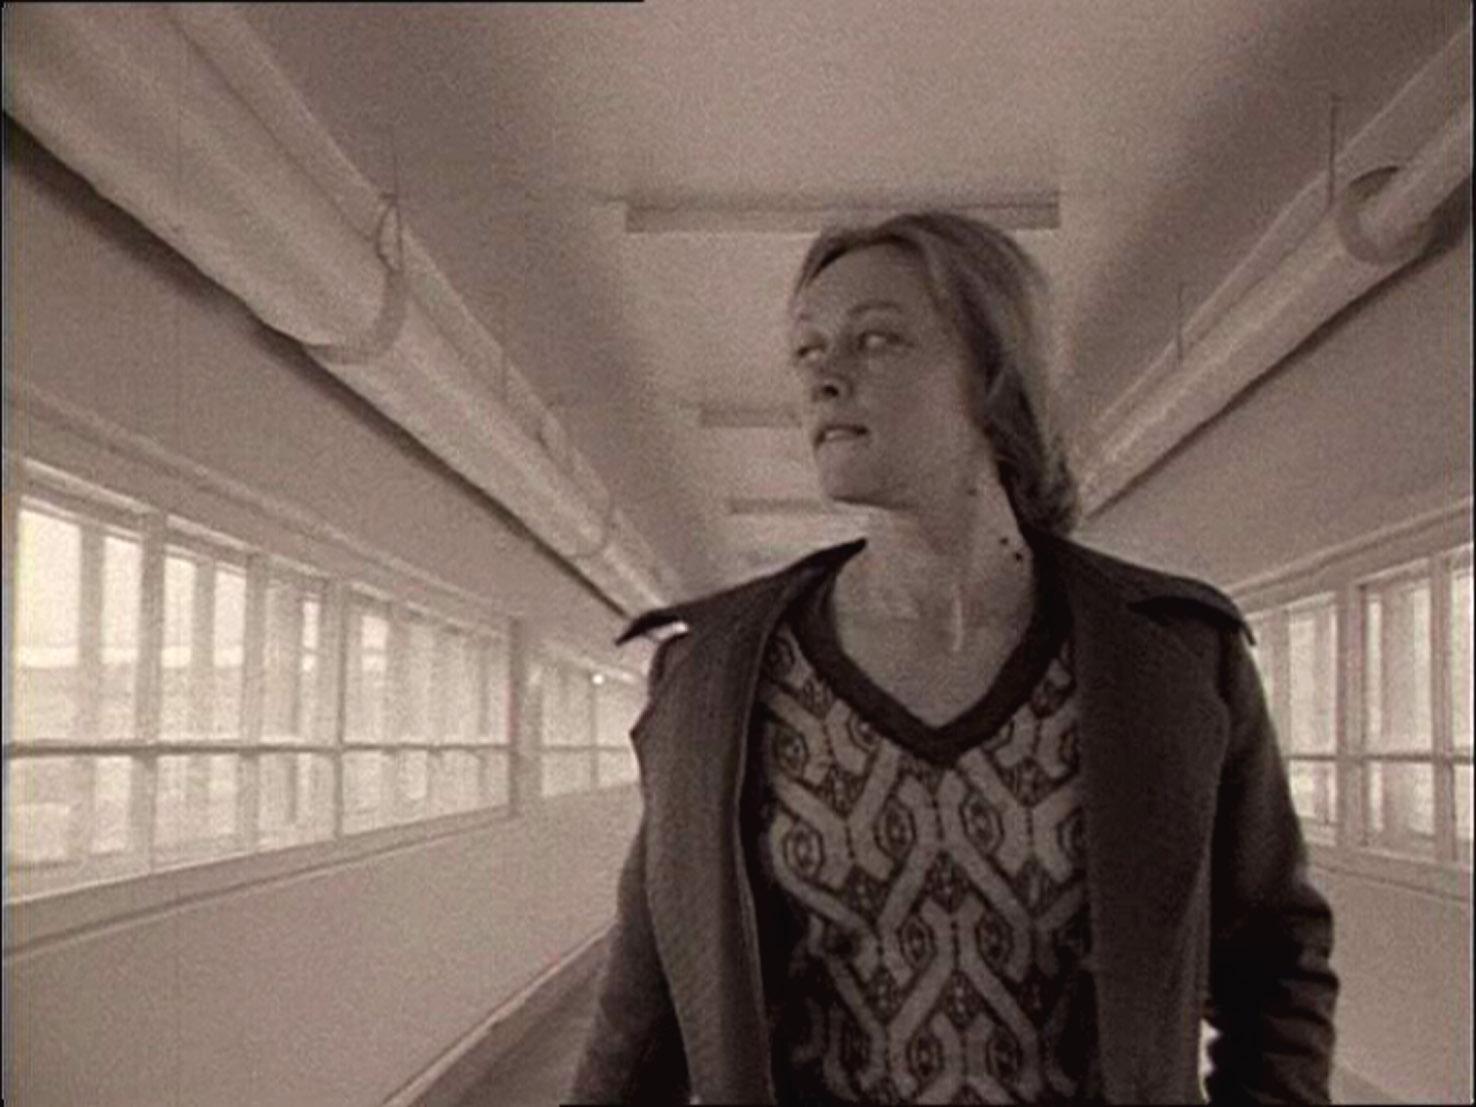 Lo specchio distribuzione lab 80 film - Lo specchio film ...